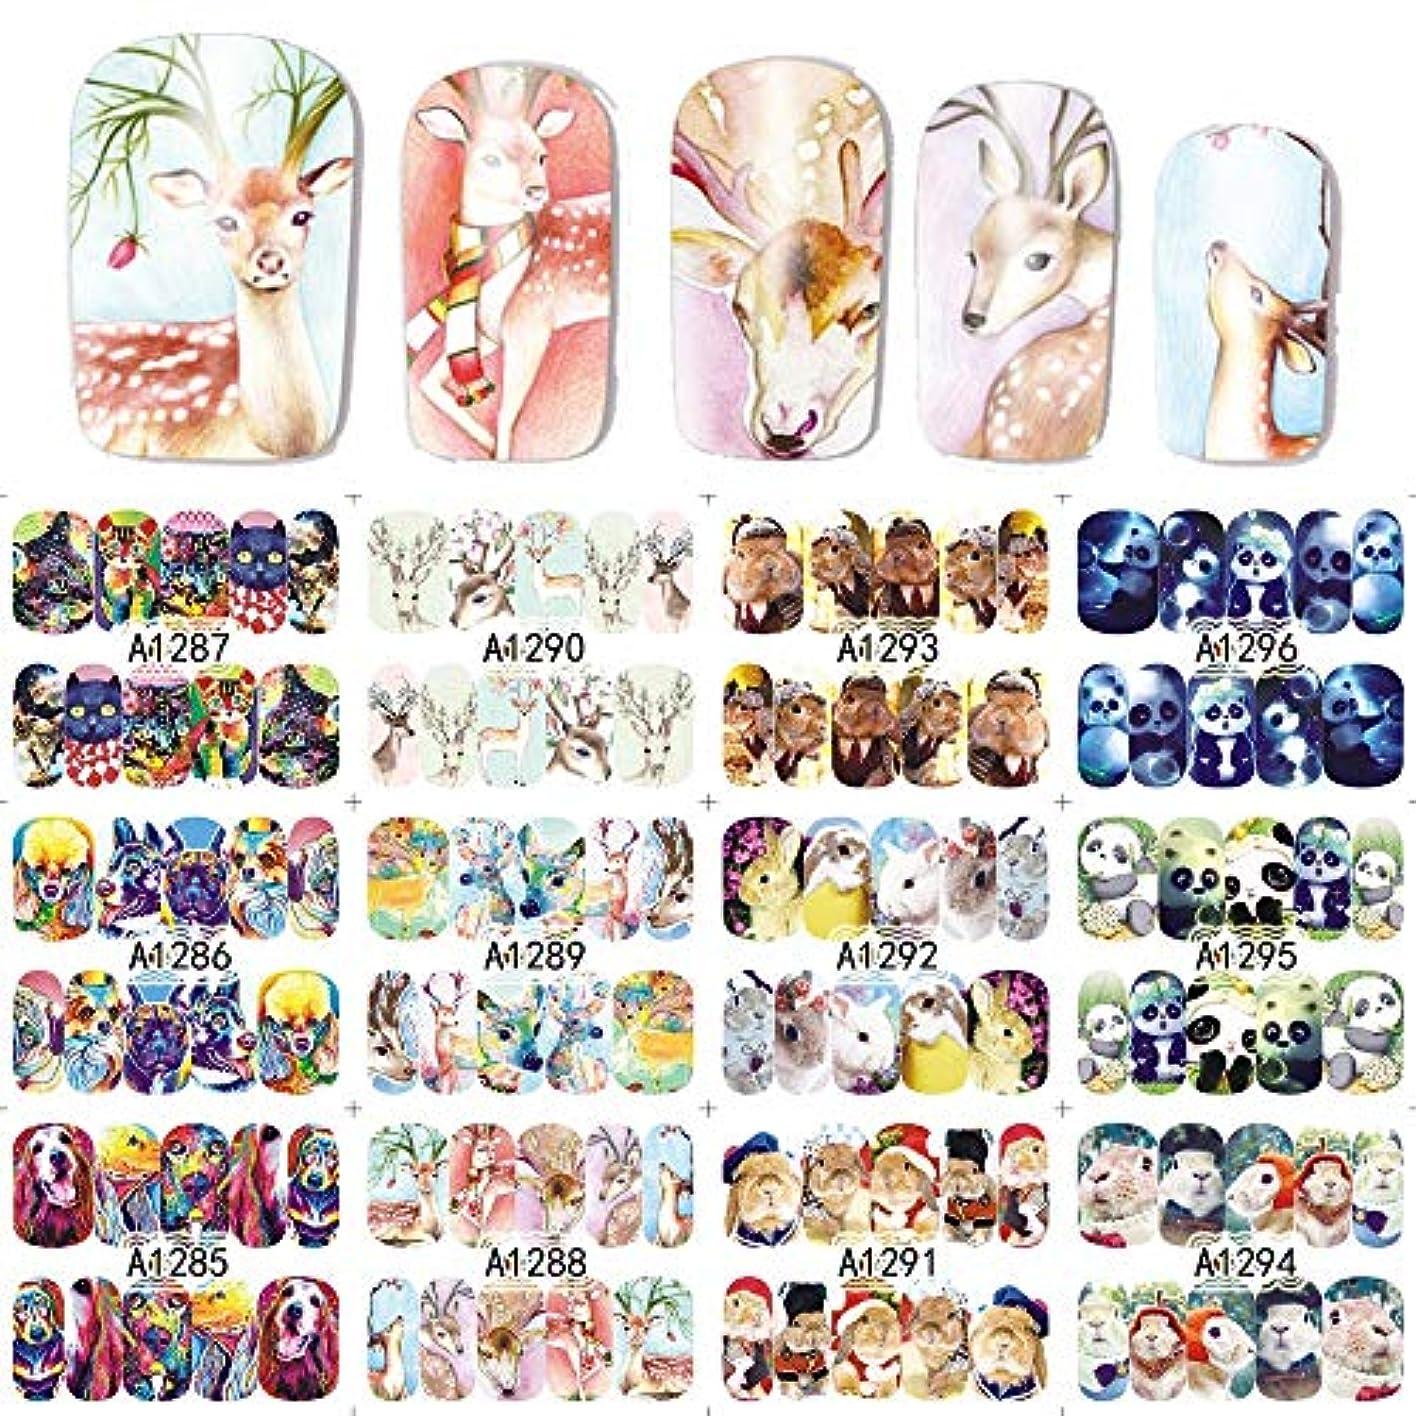 タフ掻くアレンジ12デザイン/セットネイルステッカー新しい動物猫/ウサギ/パンダ/鹿フルカバーデカール用ネイルDIY美容透かしツールSAA1285-1296